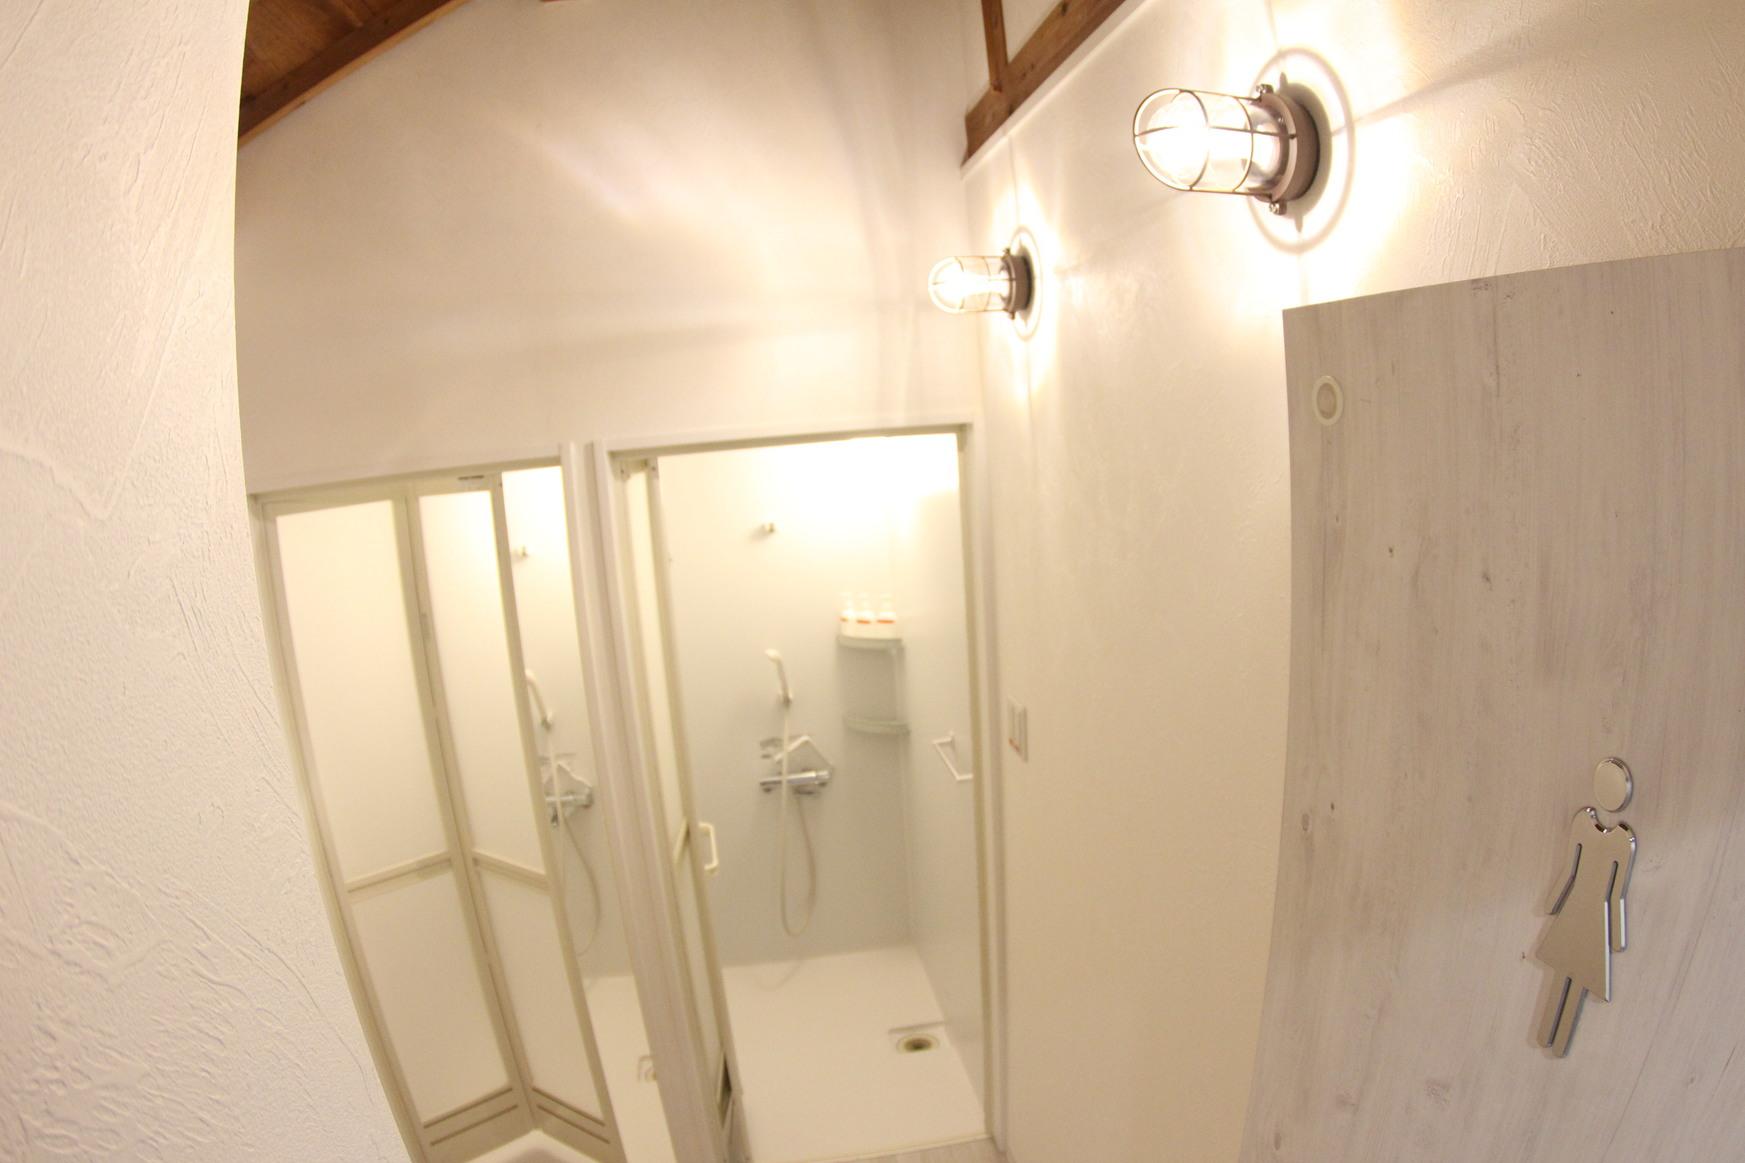 2021年1月にリフォームしたおススメの2階共用シャワールーム